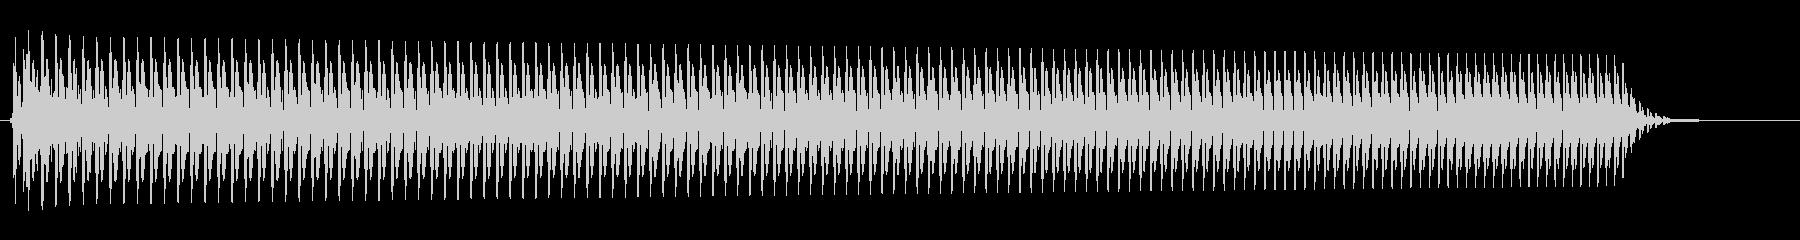 ブーン(上がっているエンジン音の効果音)の未再生の波形